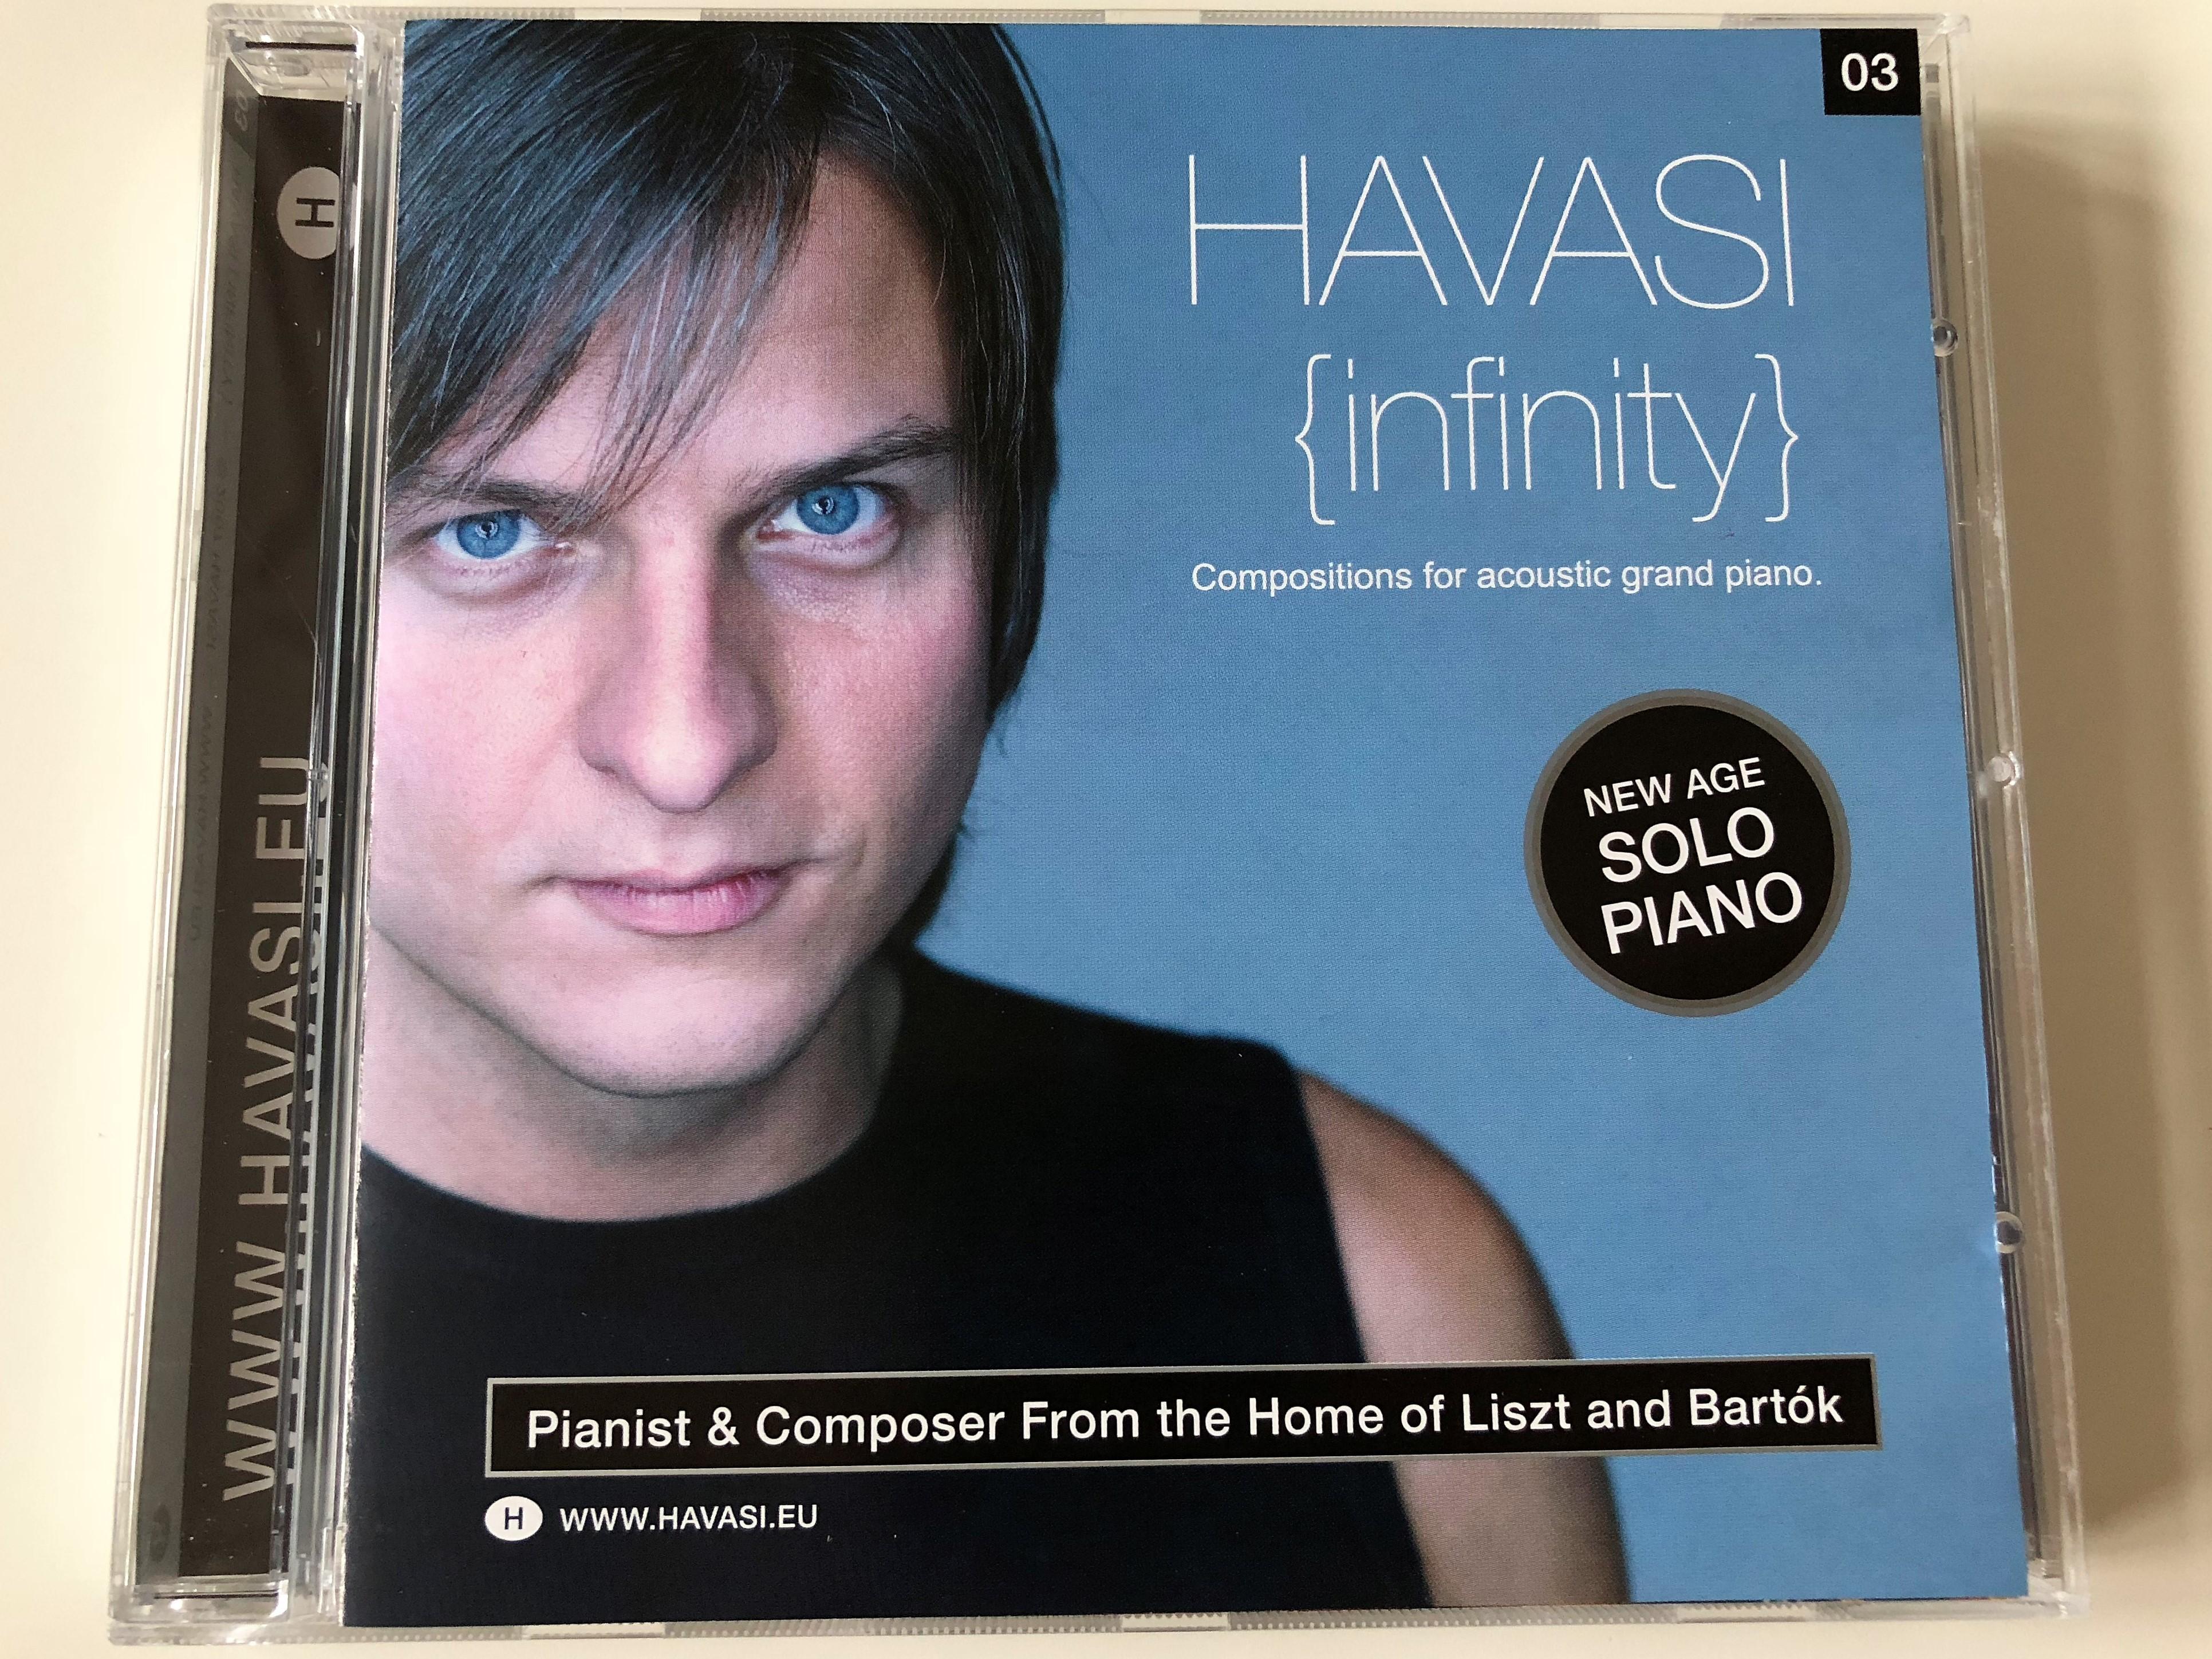 havasi-bal-zs-red-infinity-piano-seven-14-.jpg